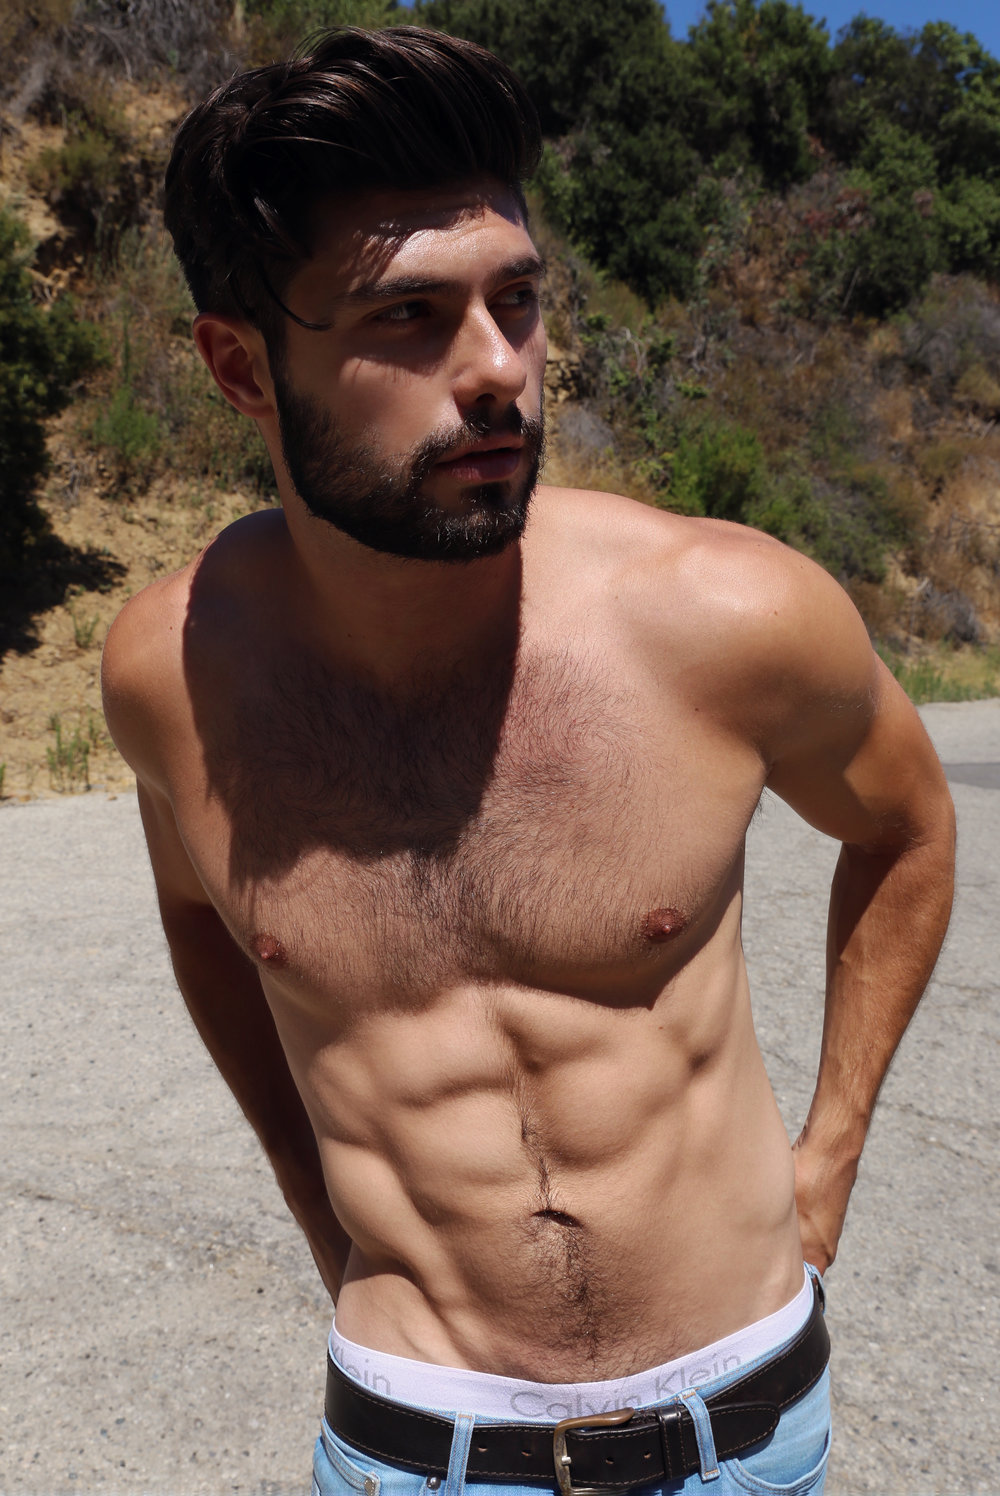 Chris LeMonda